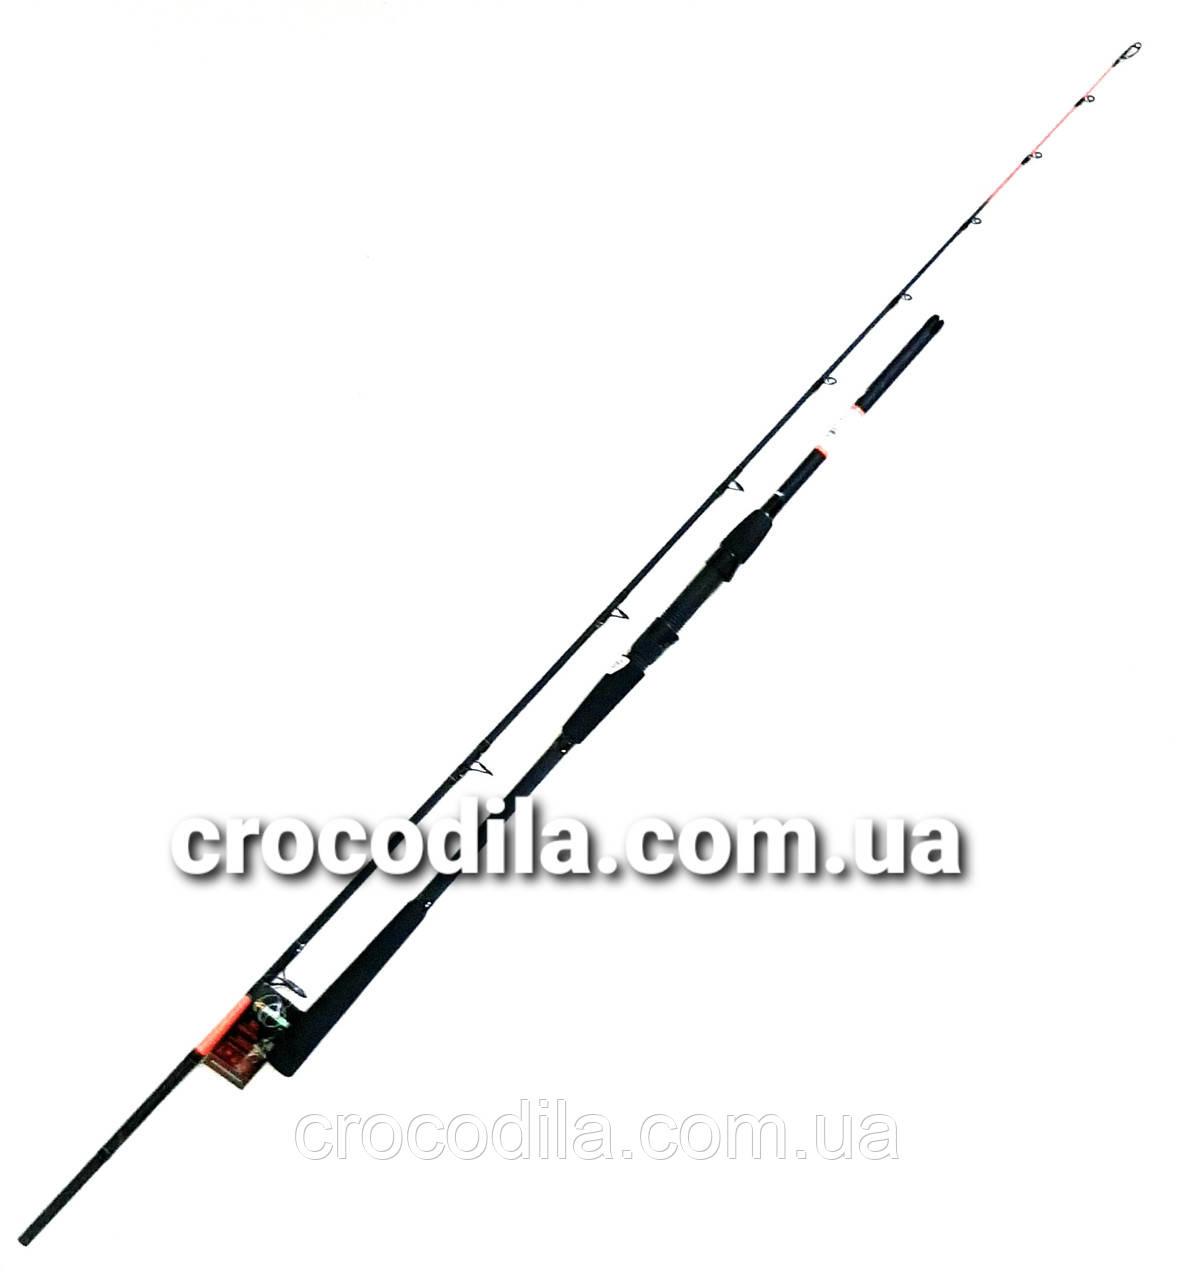 Лодочное бортовое удилище Siweida Waterfowl 2.4 м до 150 грамм